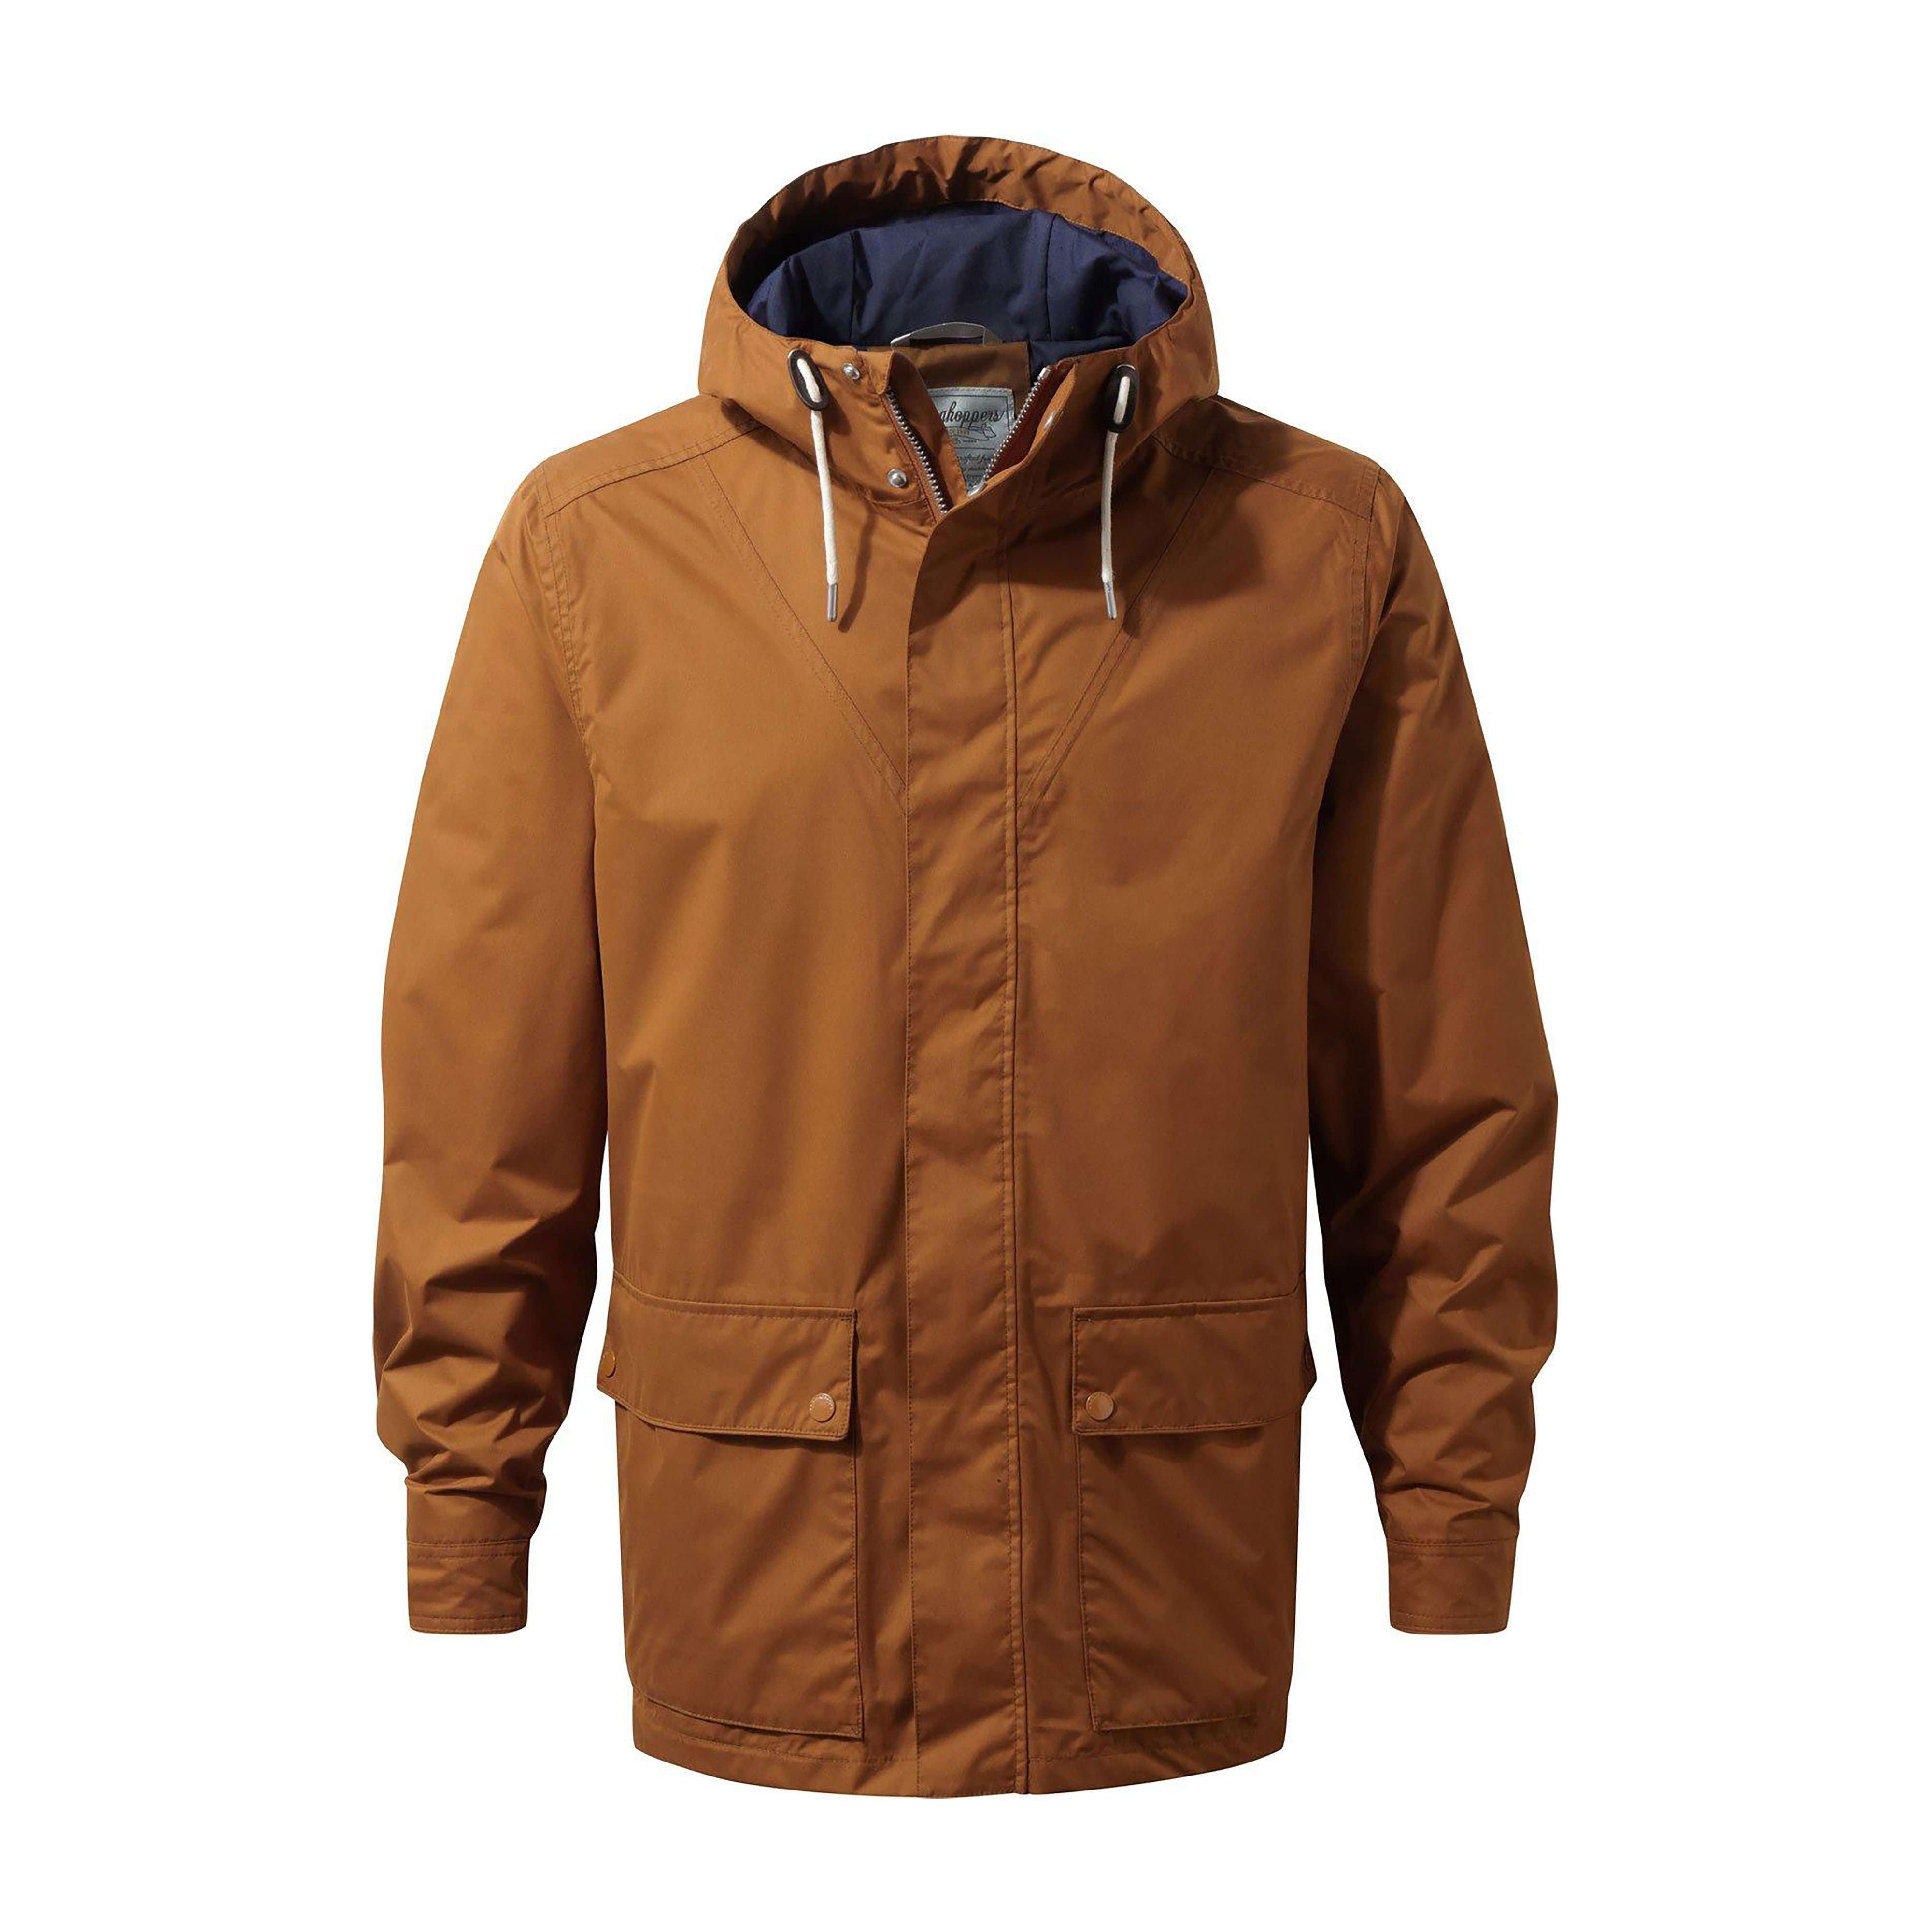 CRAGHOPPERS Men's Anson Jacket